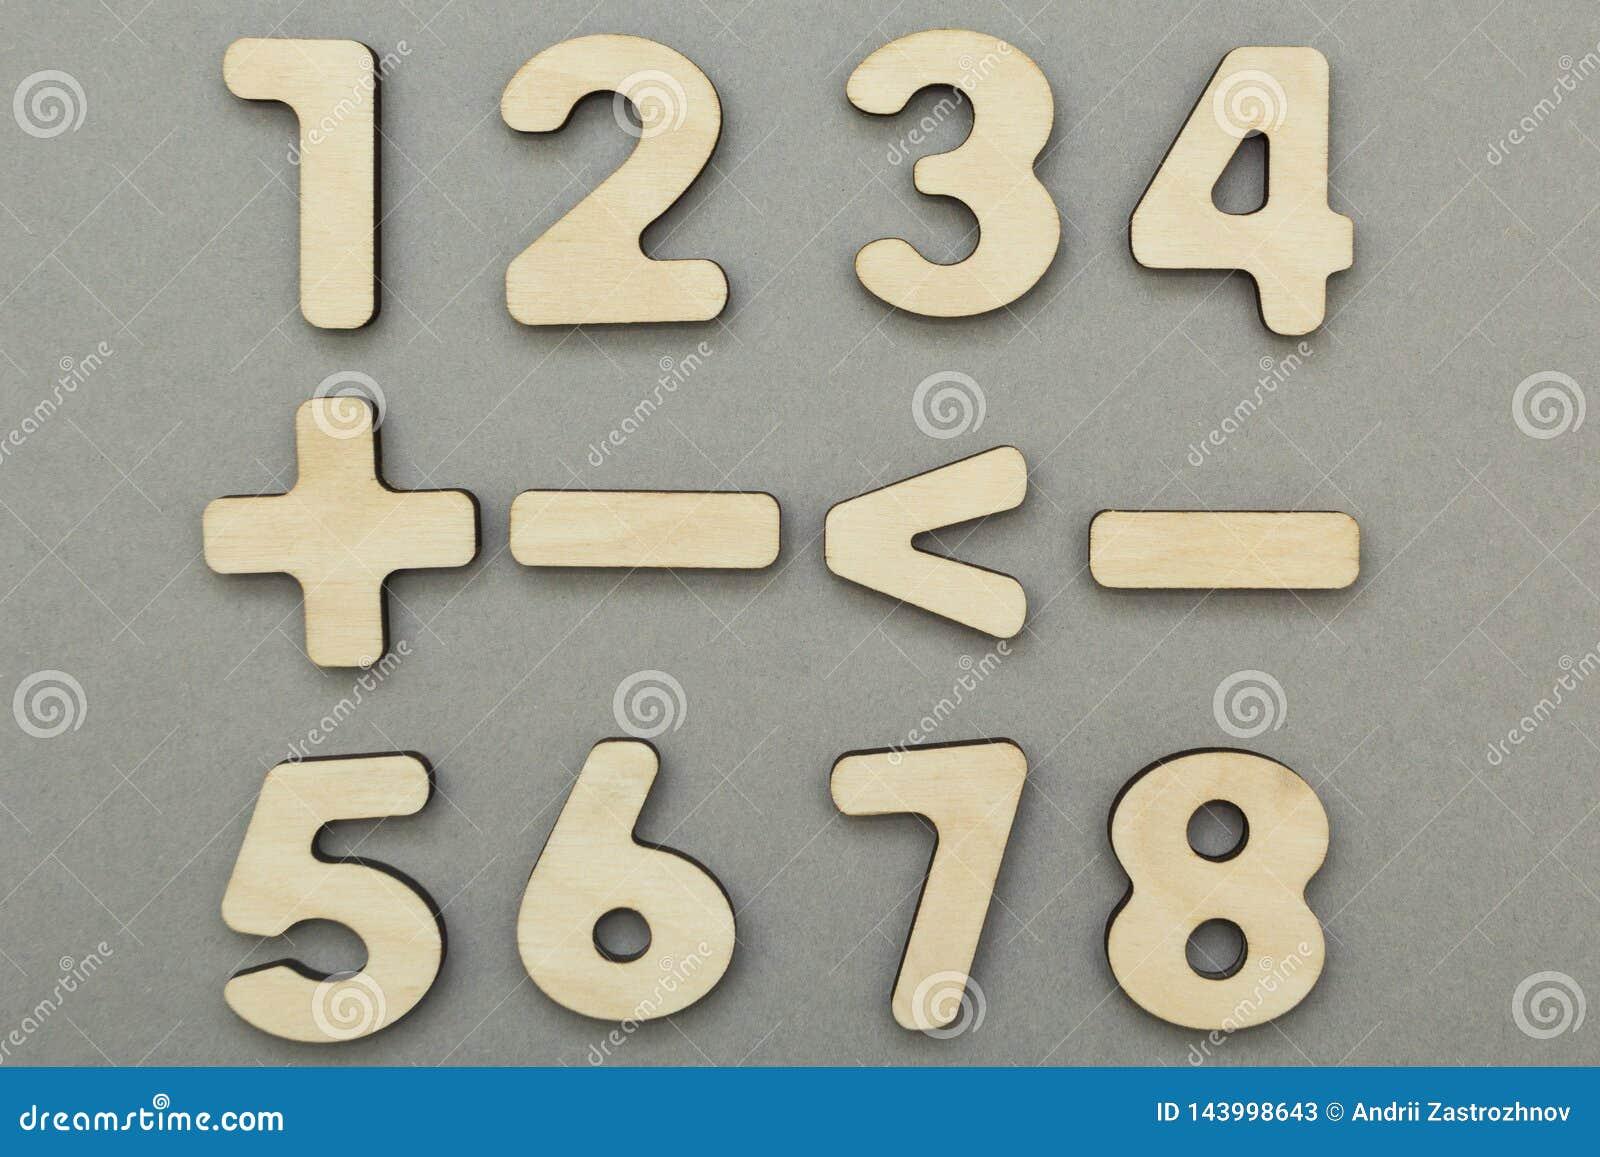 Mathematische Zeichen und Zahlen auf einem grauen Hintergrund